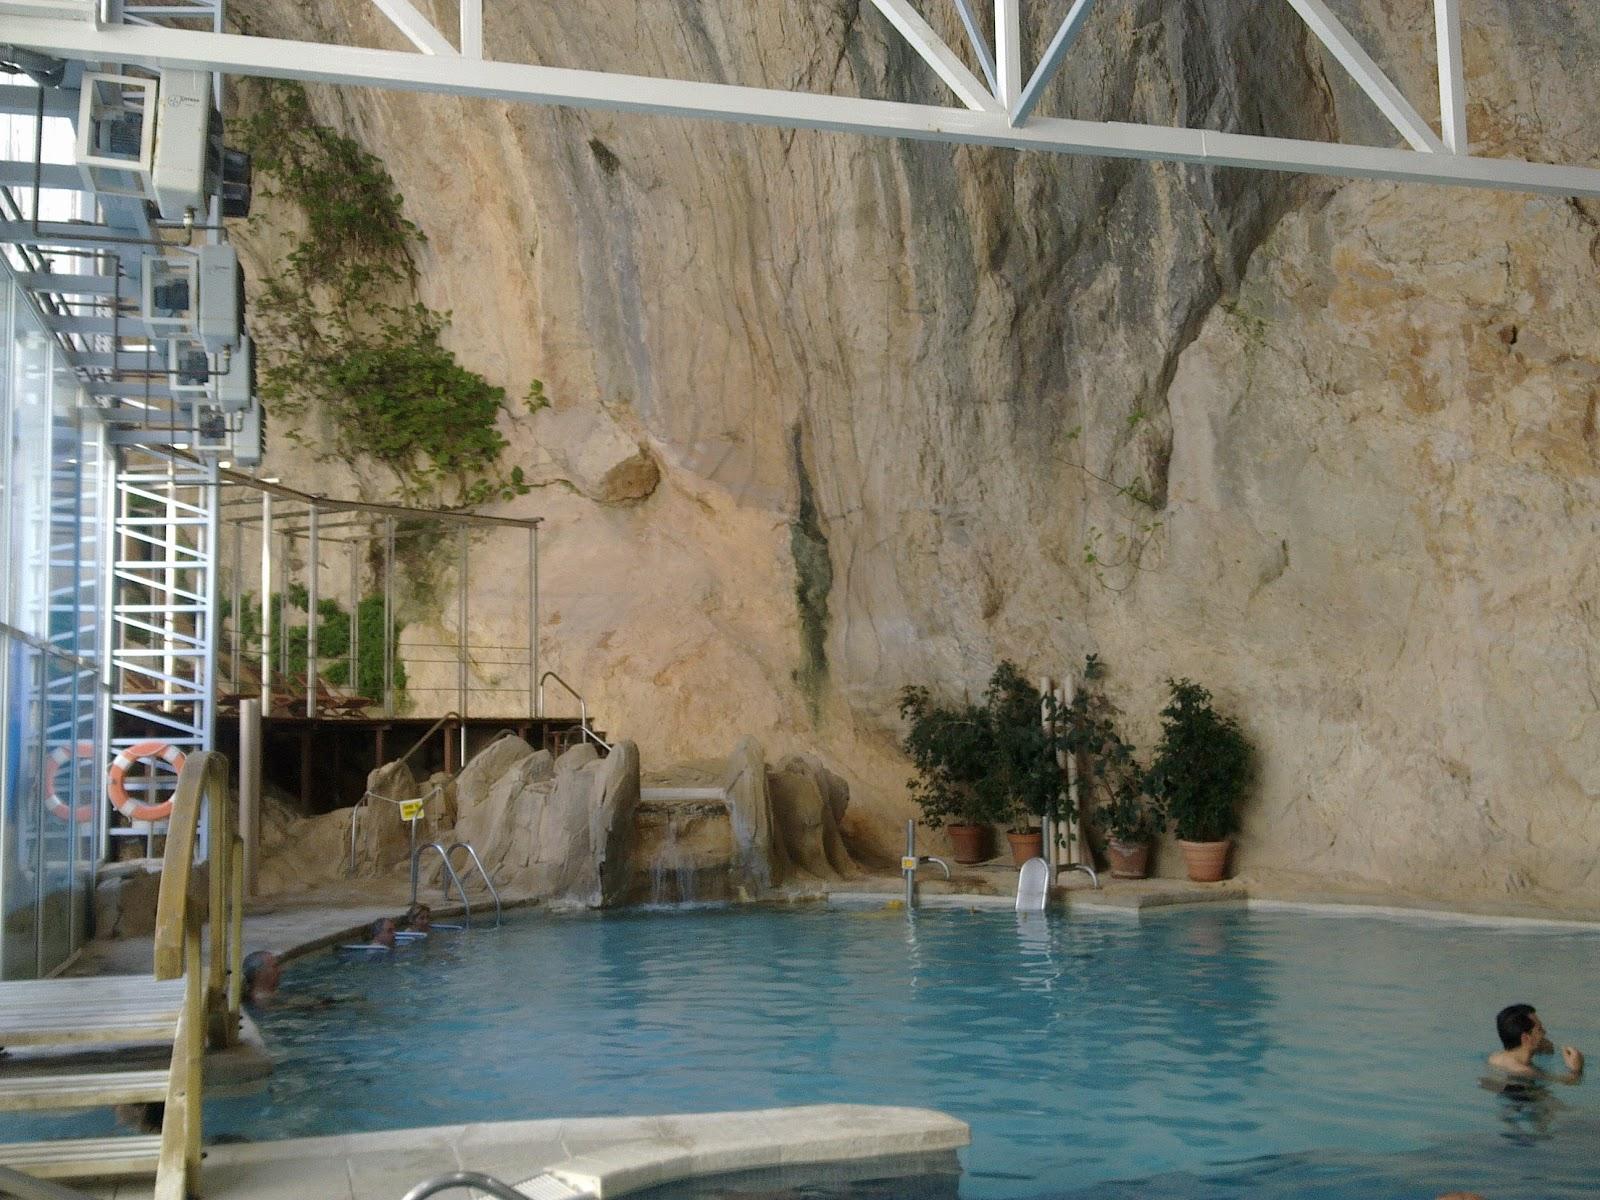 Nuestras escapadas sitios con encanto balneario sicilia - Lugares con encanto ...